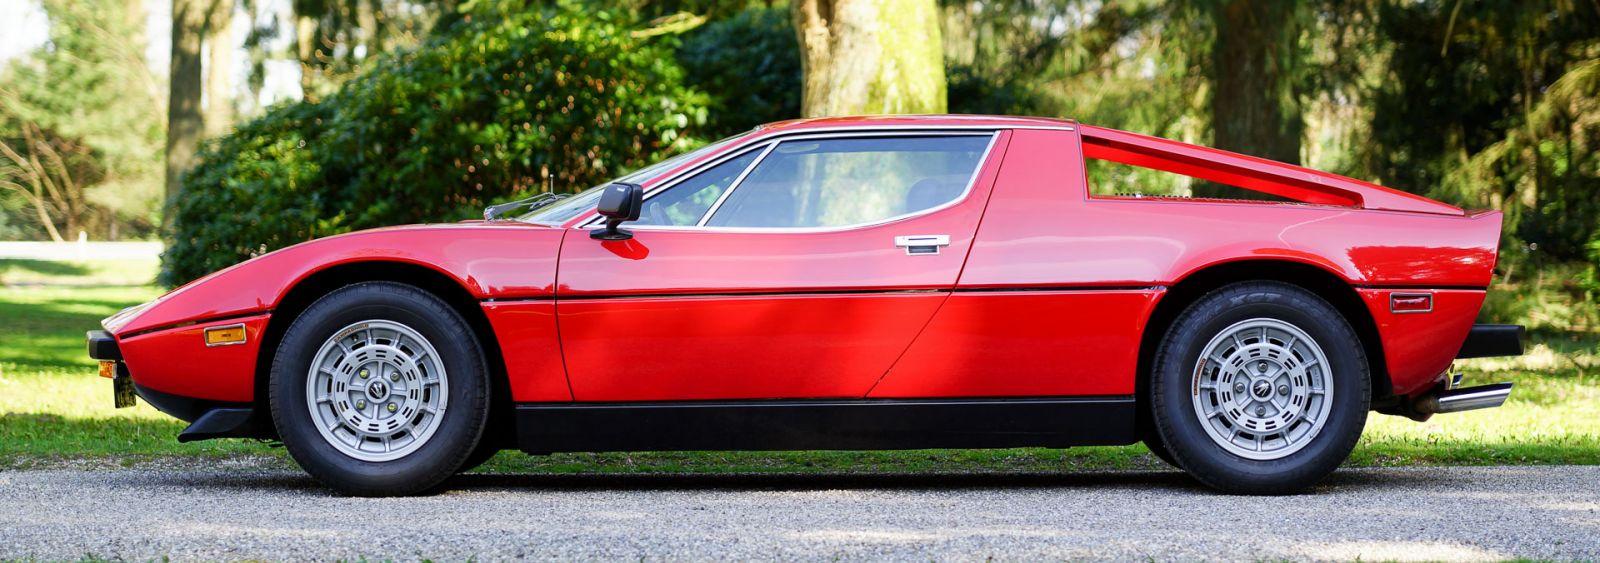 Maserati Merak Ss 1979 Welcome To Classicargarage